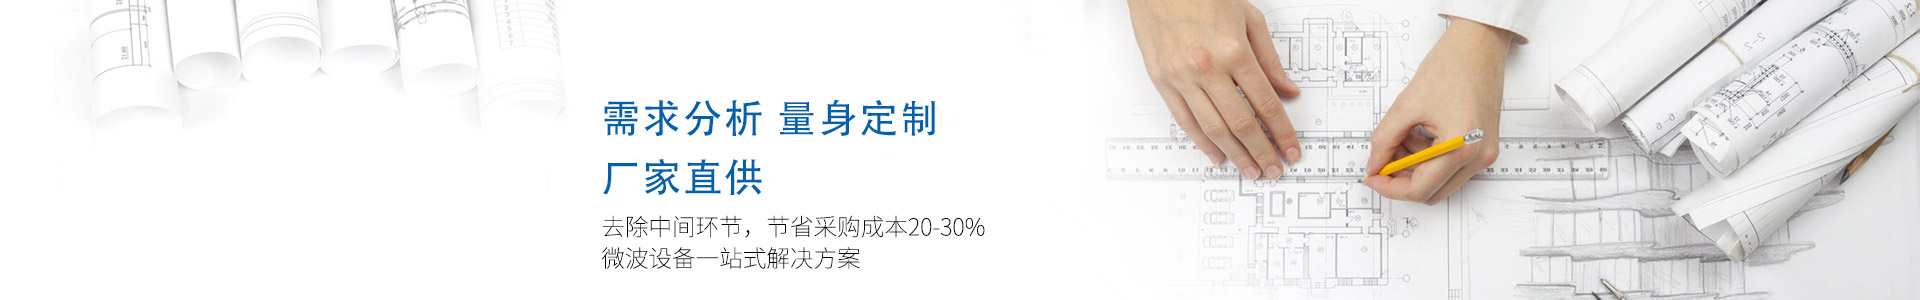 24小时全方位服务,免费安装调试技术支持-上海博奥微波